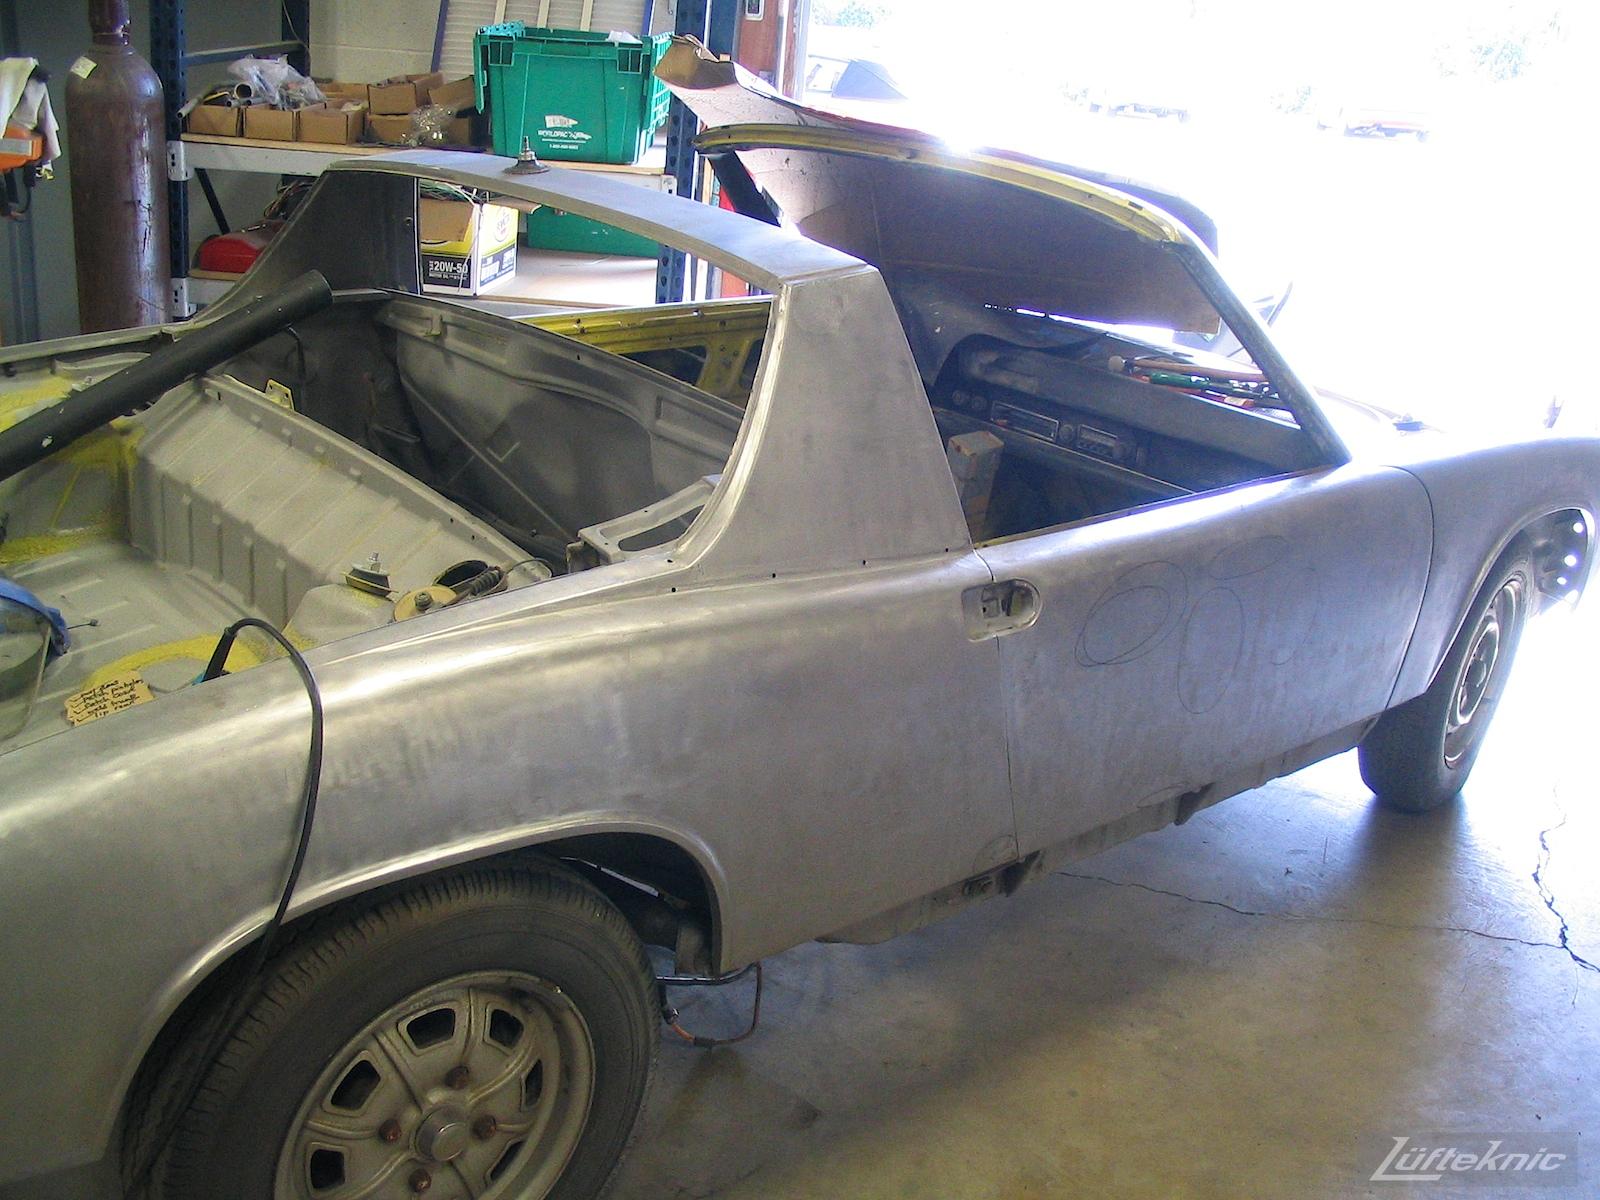 Bare metal sanded Porsche 914 undergoing restoration.